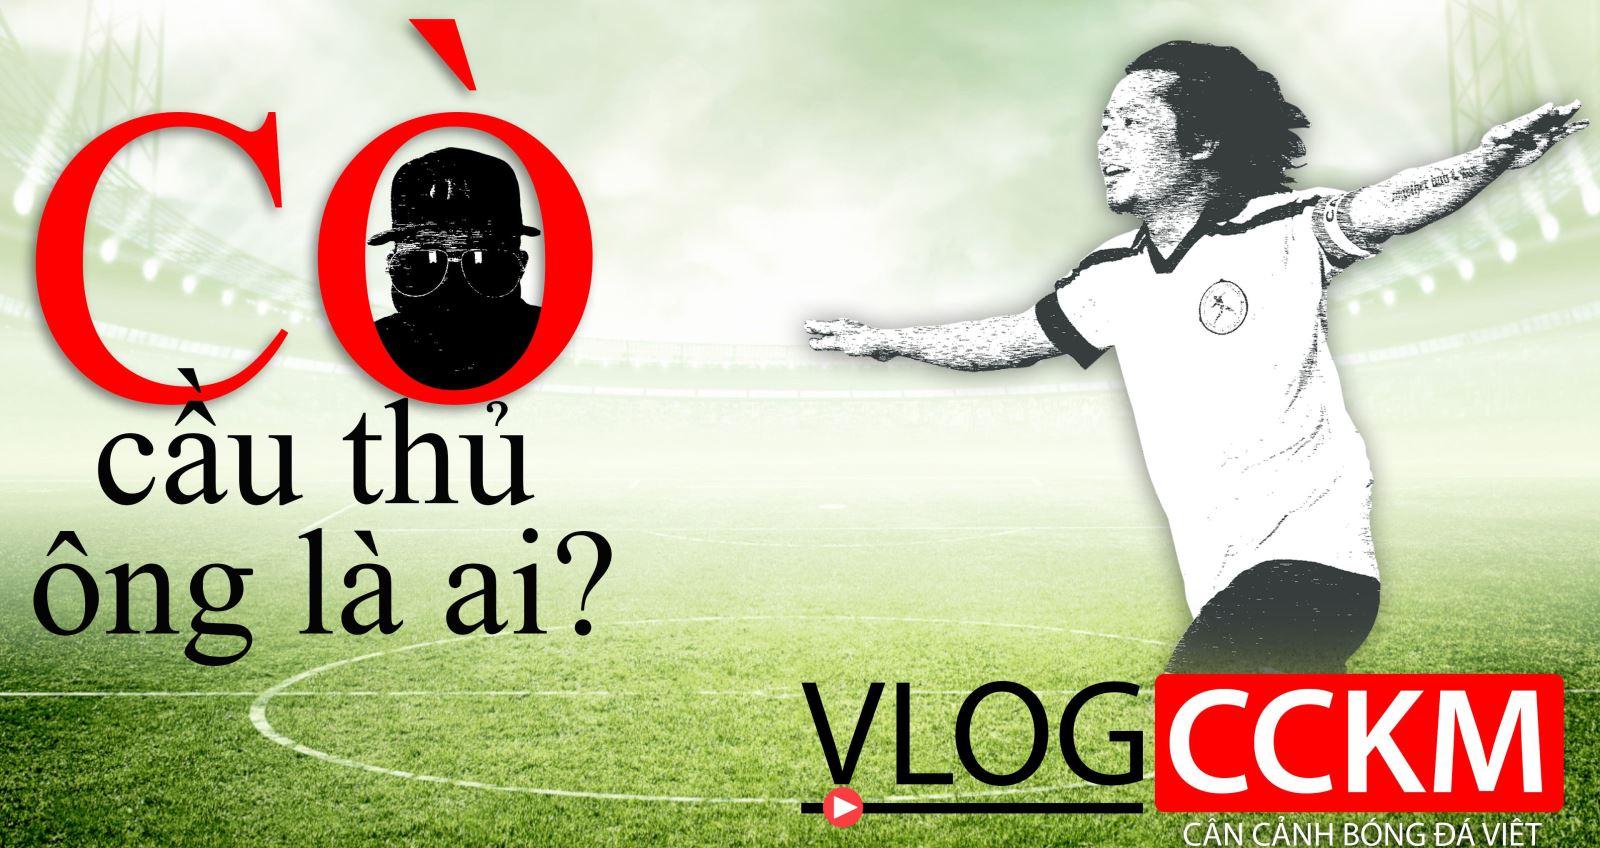 bong da, bóng đá, Trần Hải, bóng đá việt, v league, cò cầu thủ, siêu cò, bóng đá việt nam